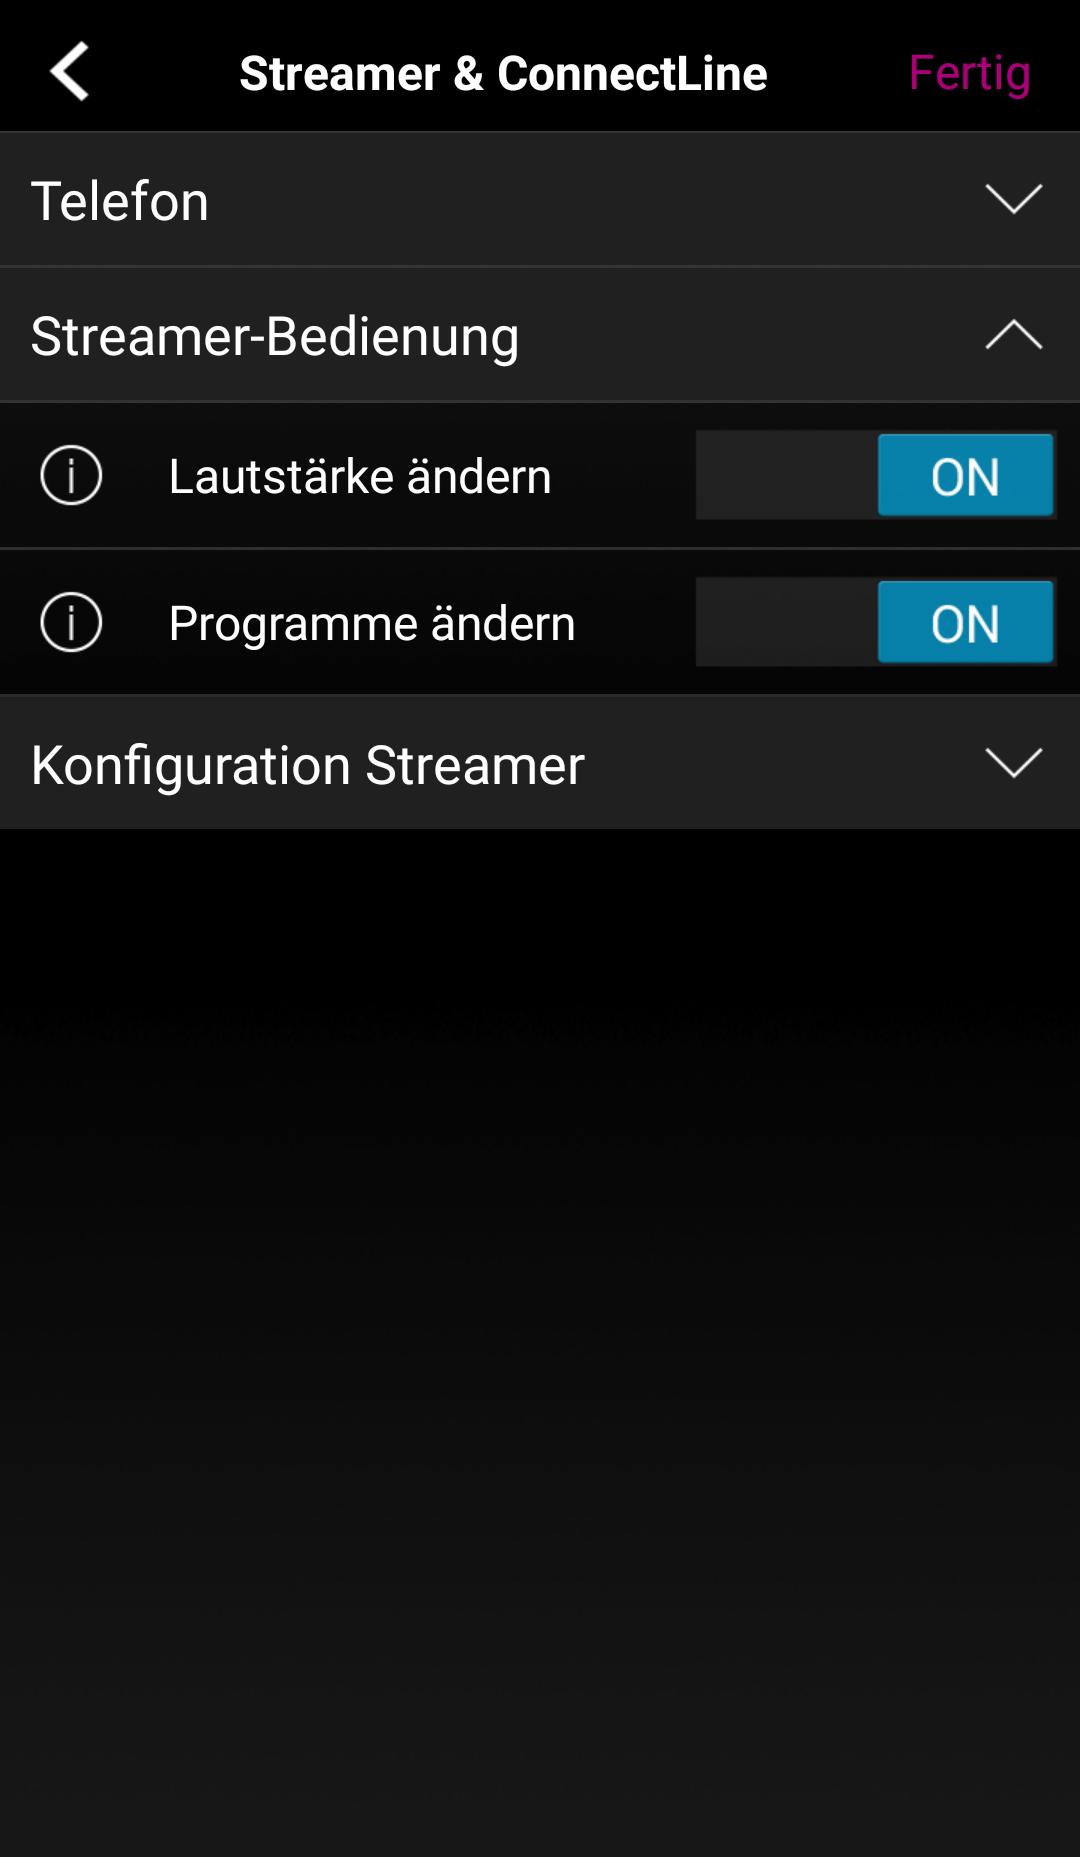 Lautstärke und Programme können über die App gesteuert werden.